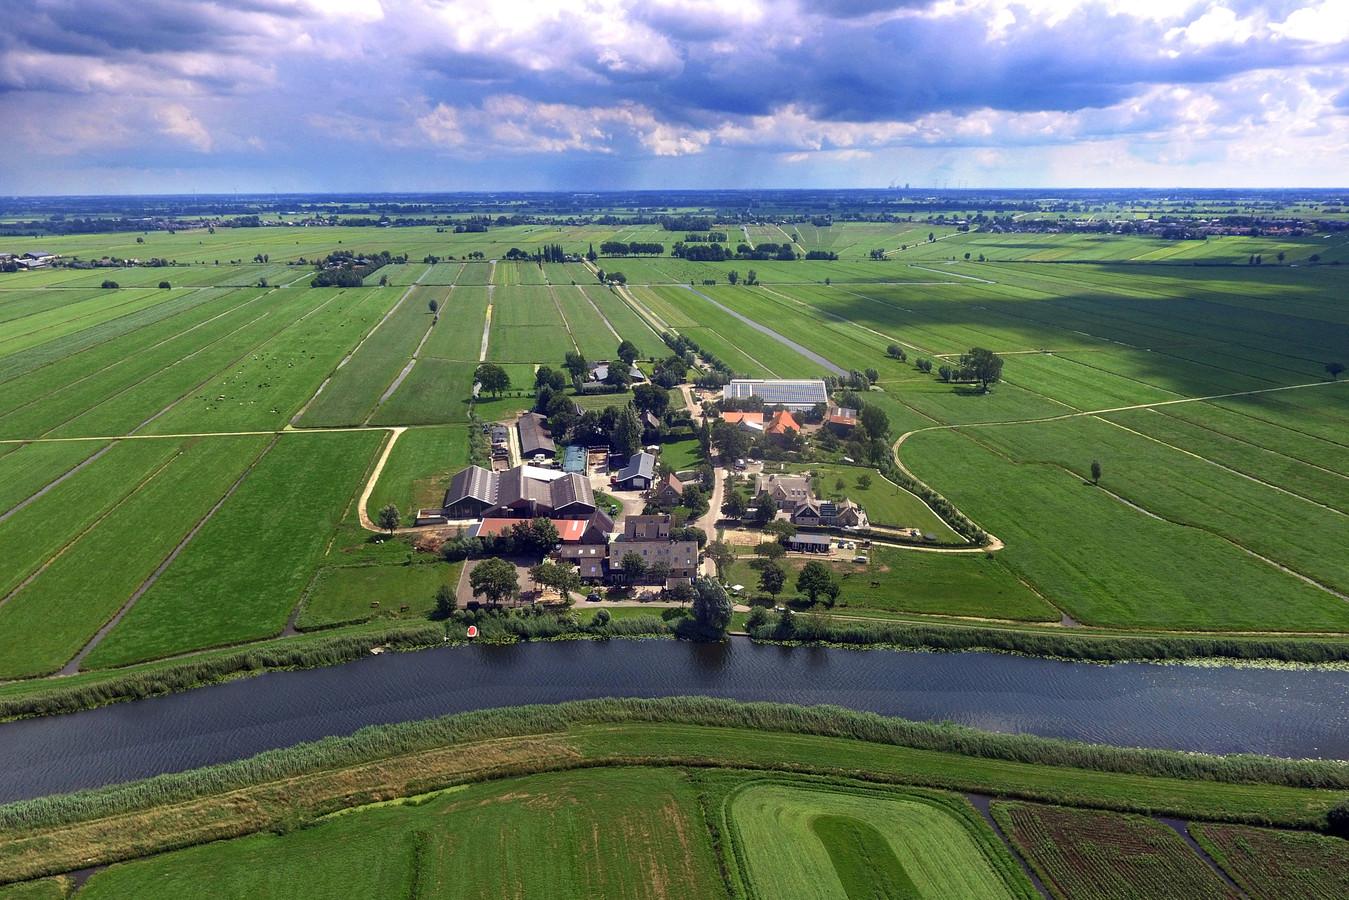 Op De Donk in Brandwijk stond in de vijftiende en zestiende eeuw een klooster, bewoond door Augustijner monniken. Nu staan er een paar boerderijen en woonhuizen.